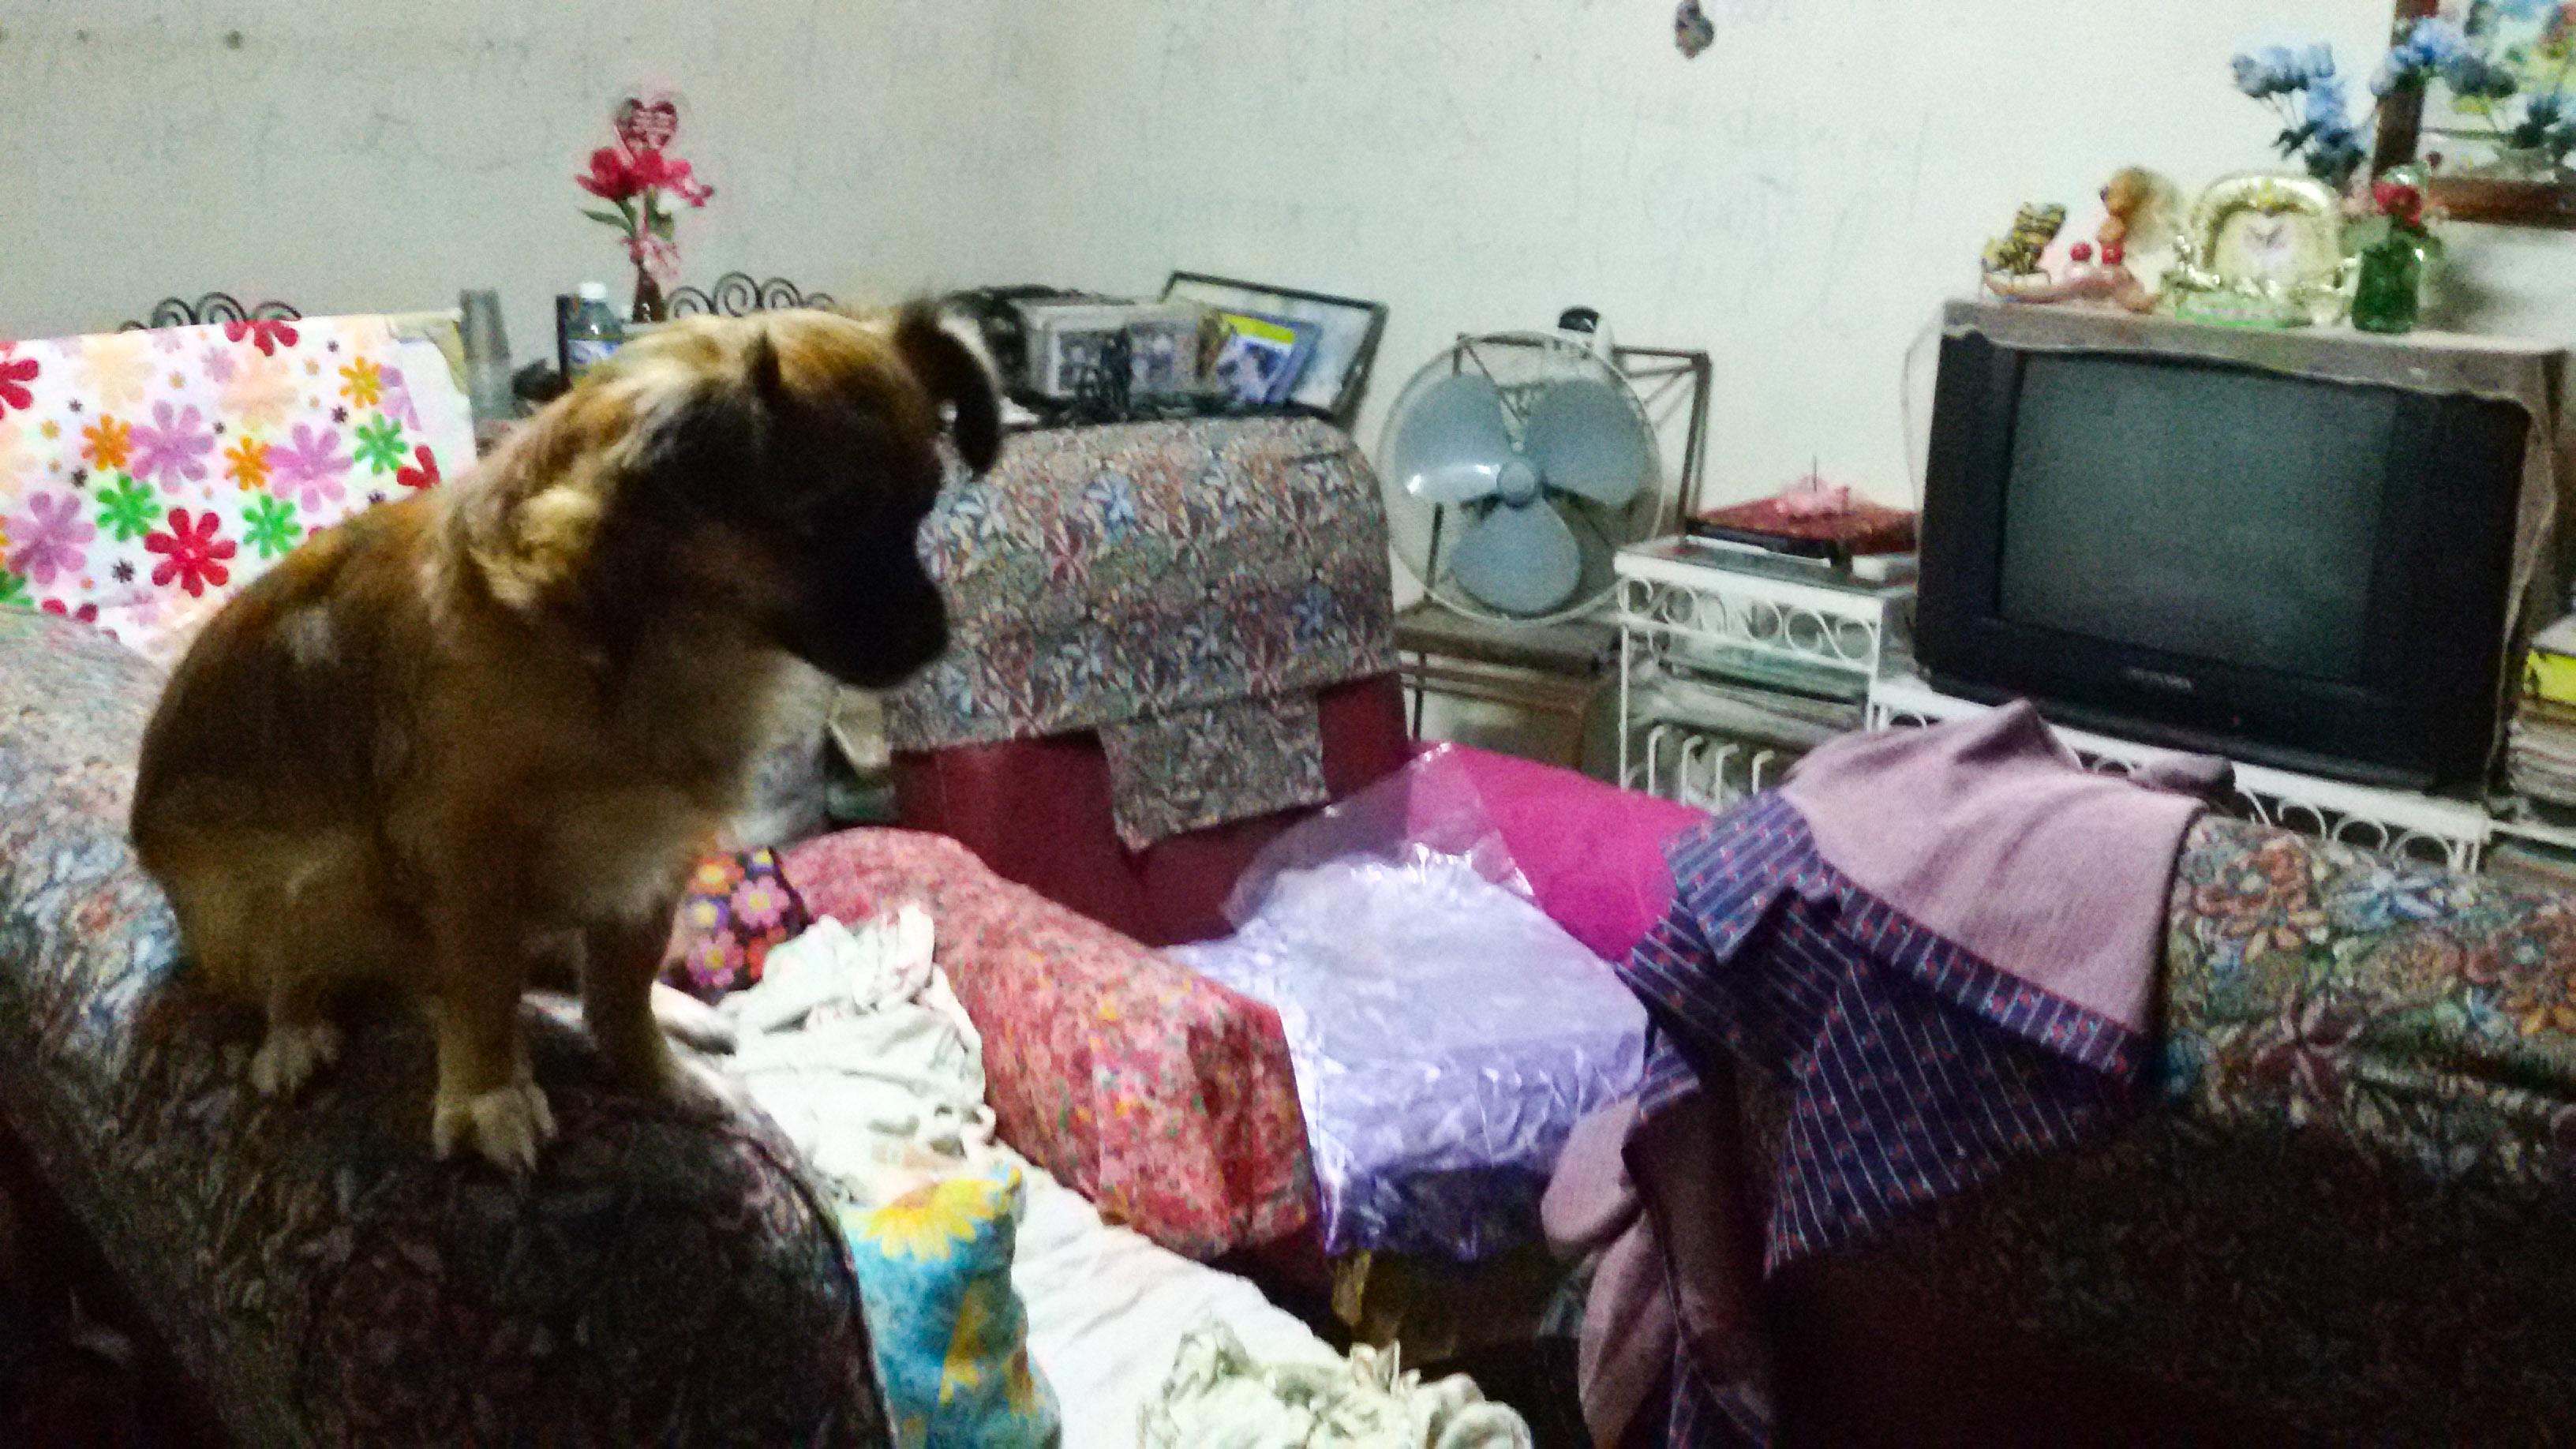 La casa que habita, en compañía de su perra y tres pollitos (Foto: Mónica Baró)